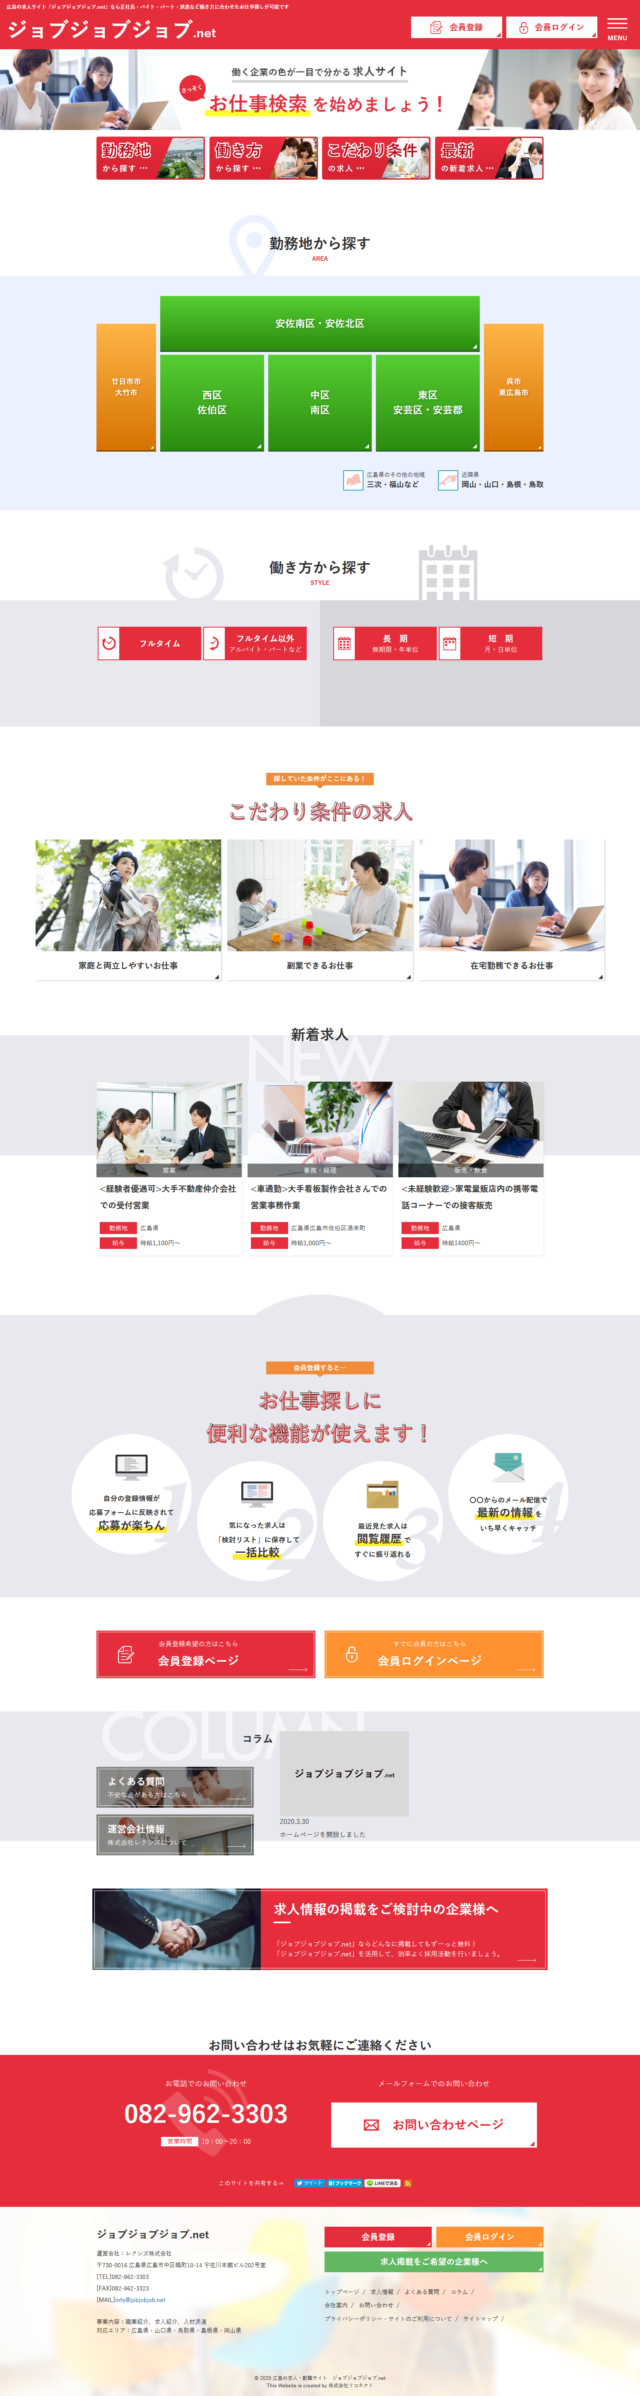 広島の求人・転職サイト ジョブジョブジョブ.net 様